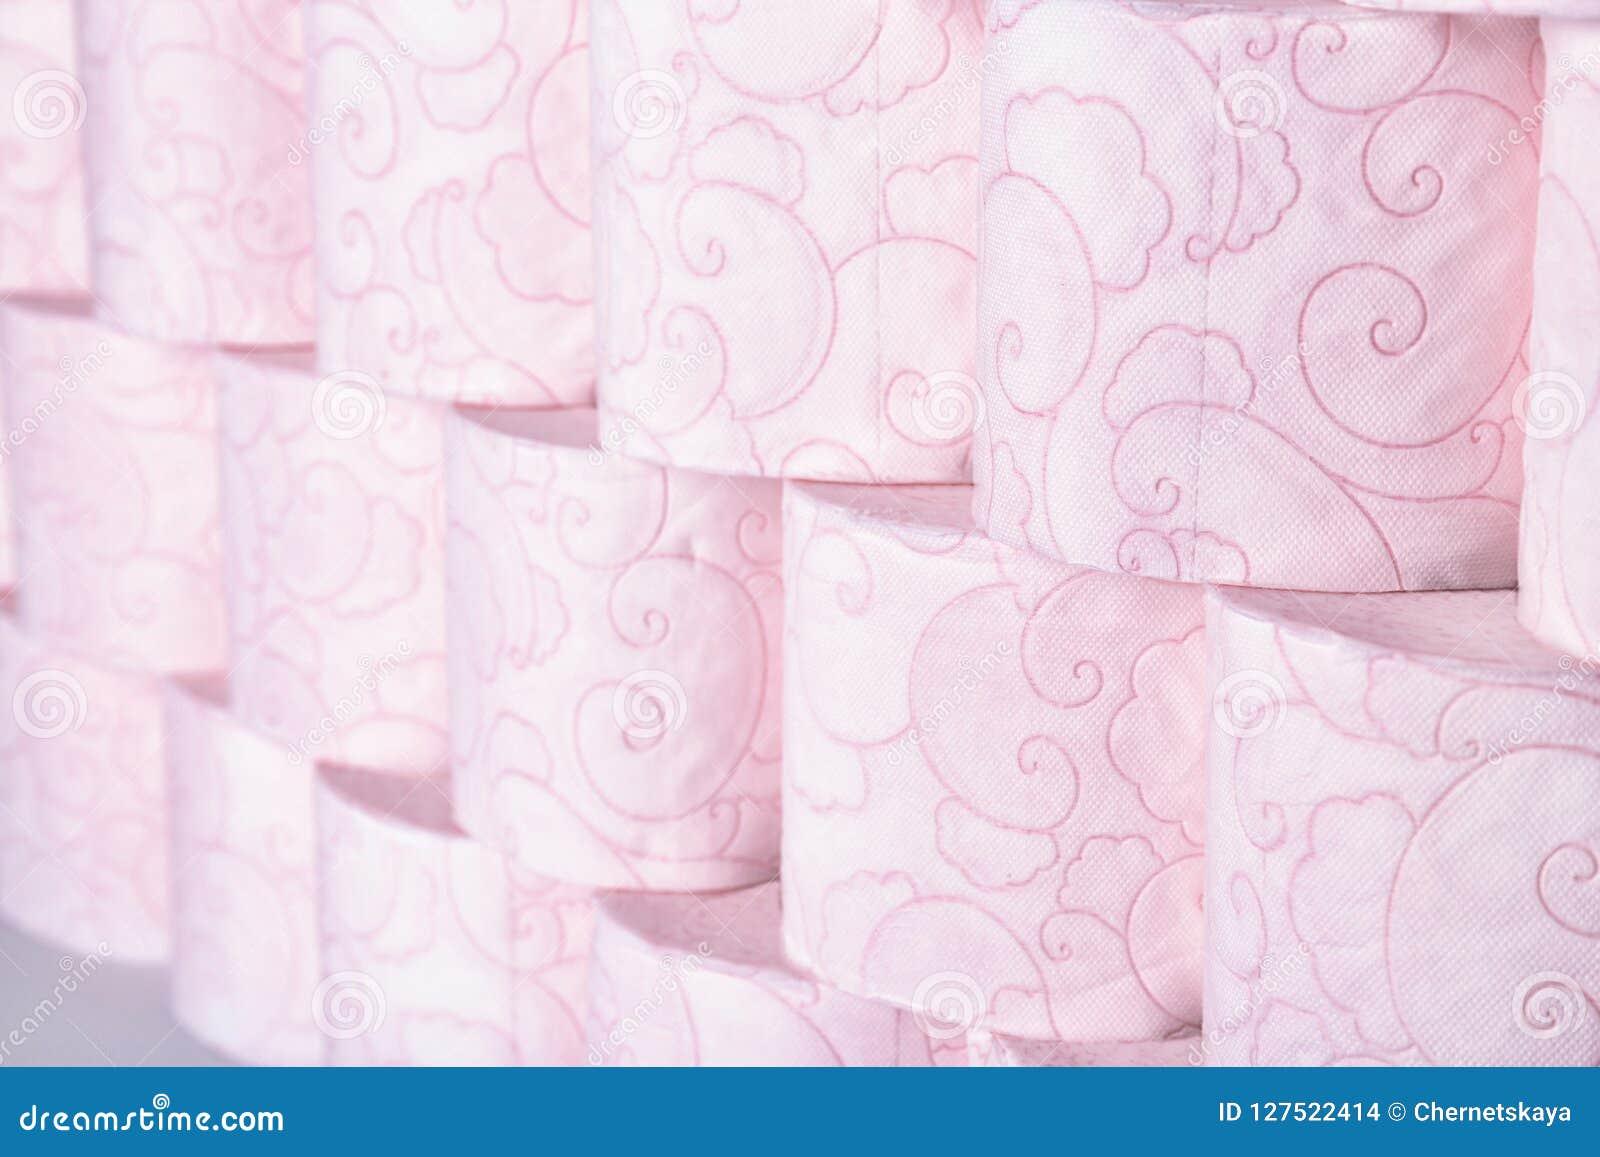 Beaucoup de rouleaux de papier hygiénique comme fond